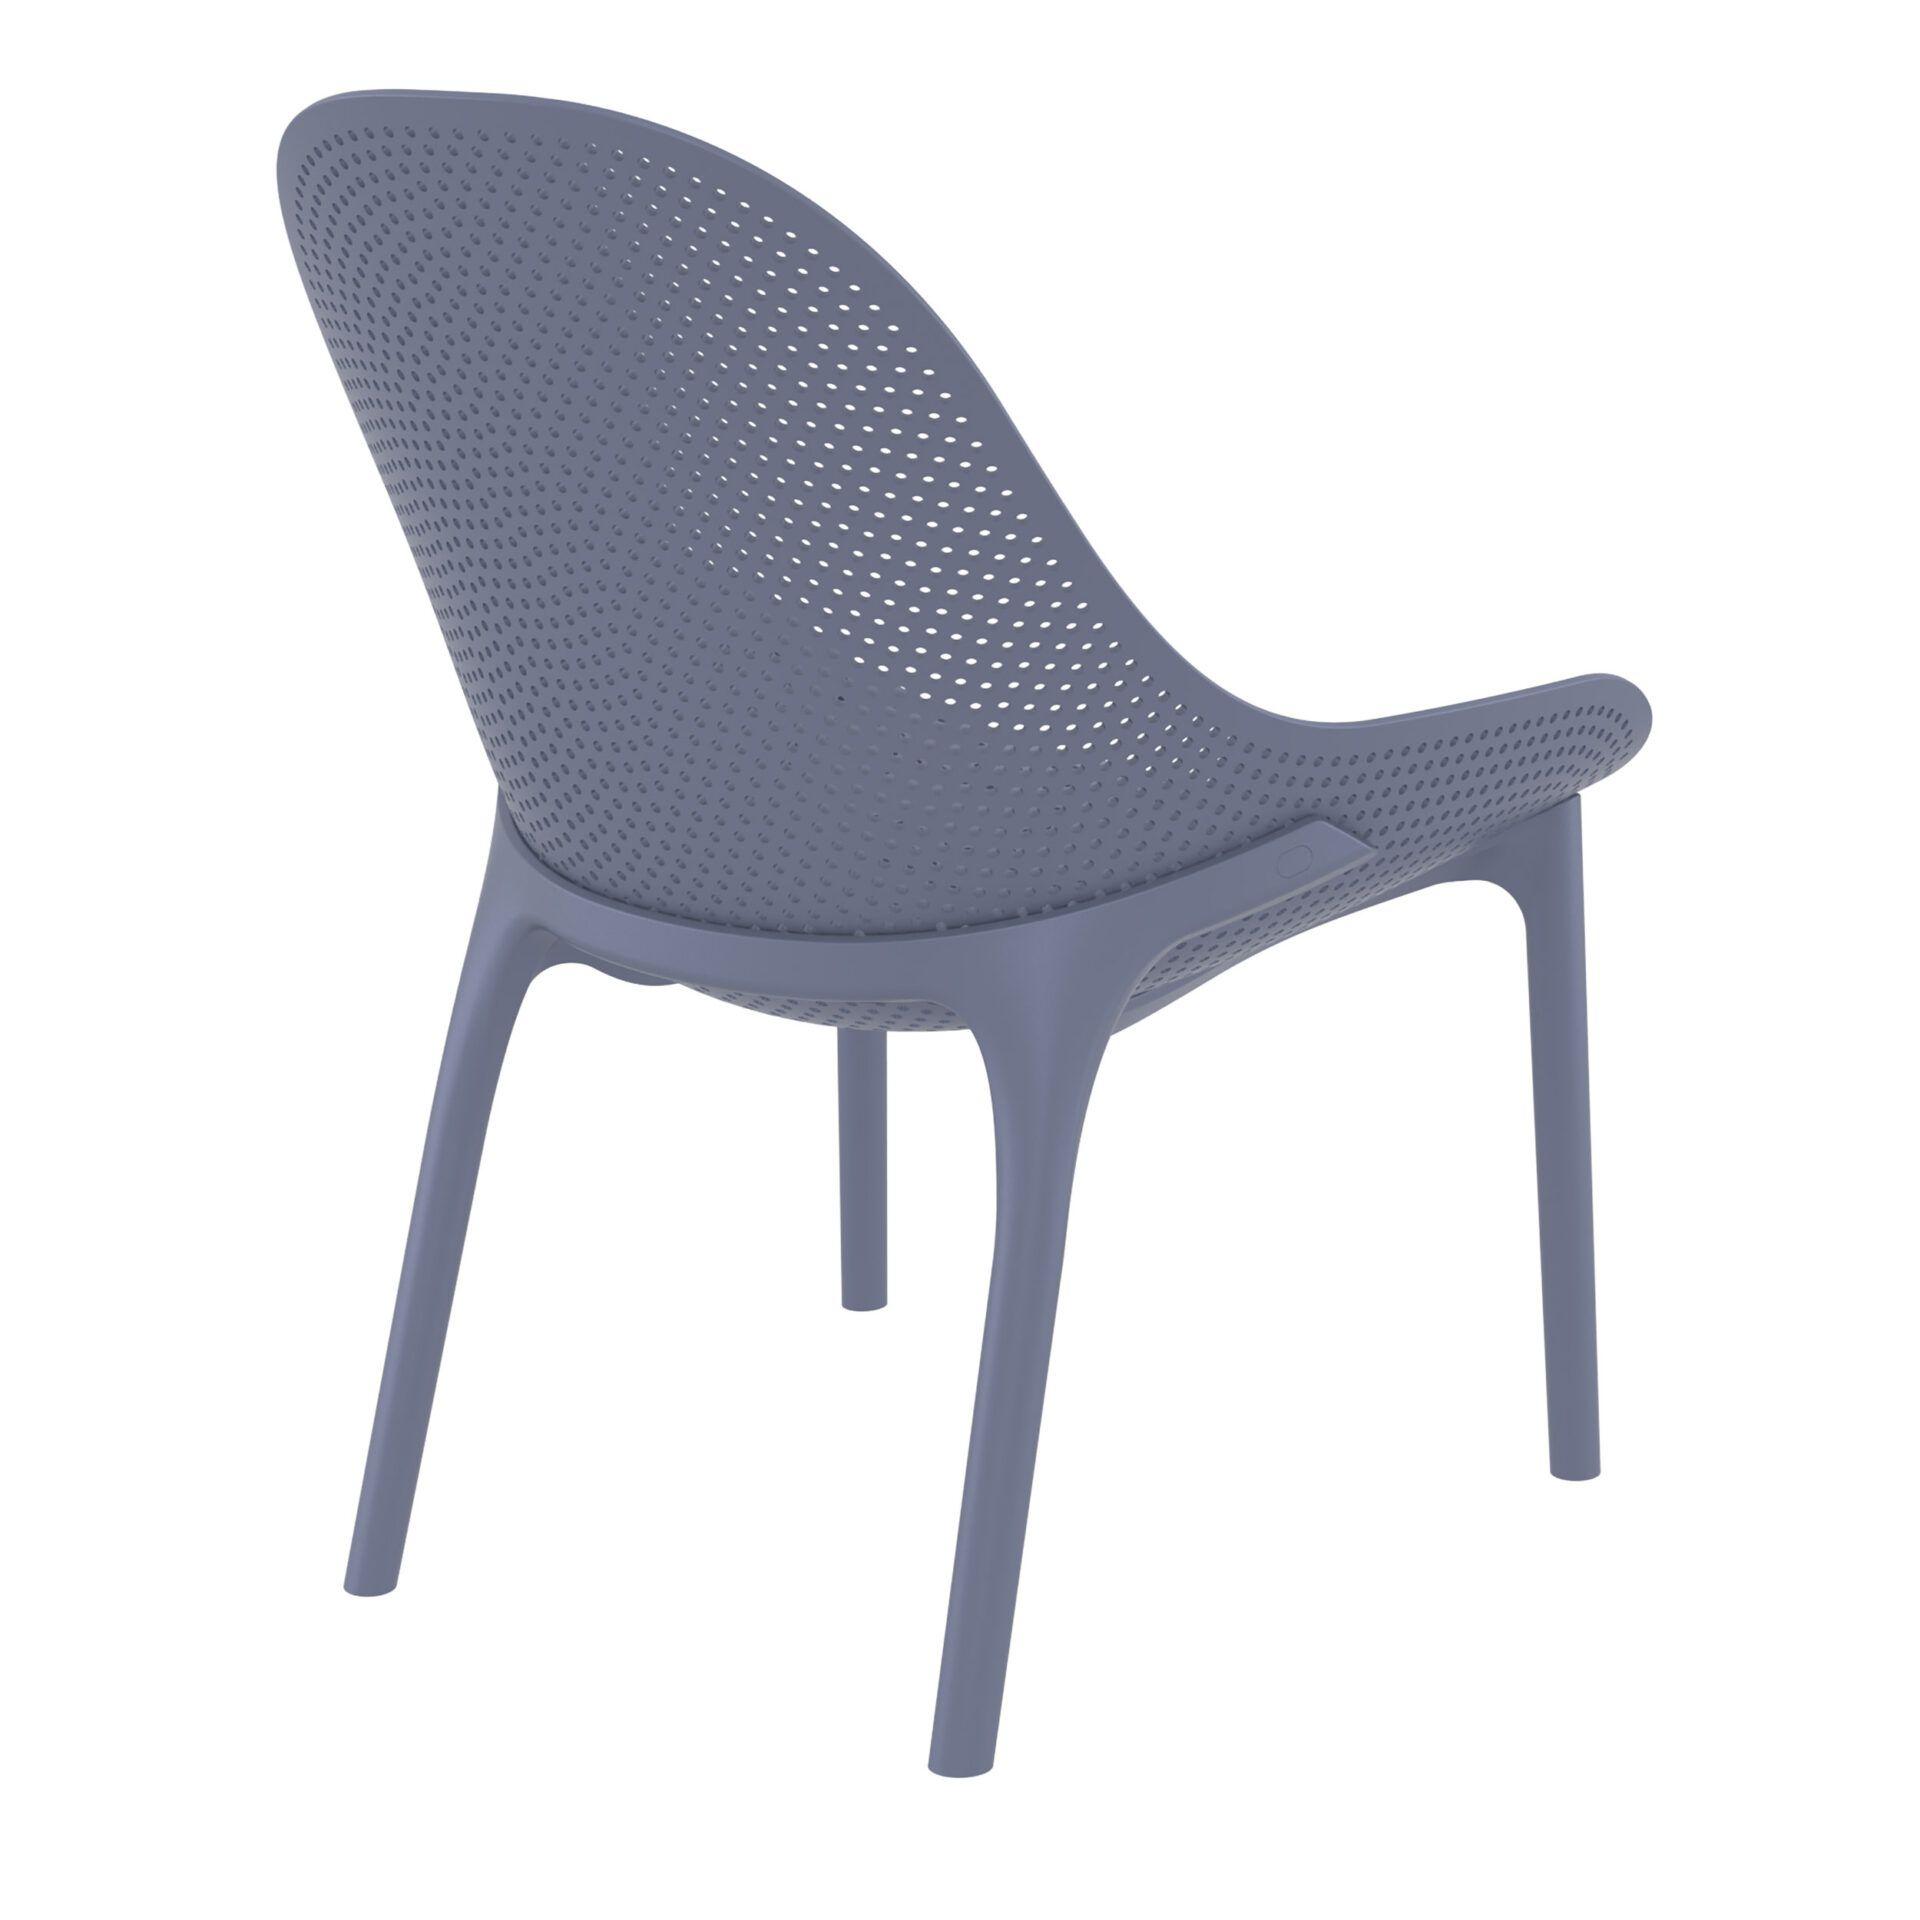 outdoor seating polypropylene sky lounge darkgrey back side